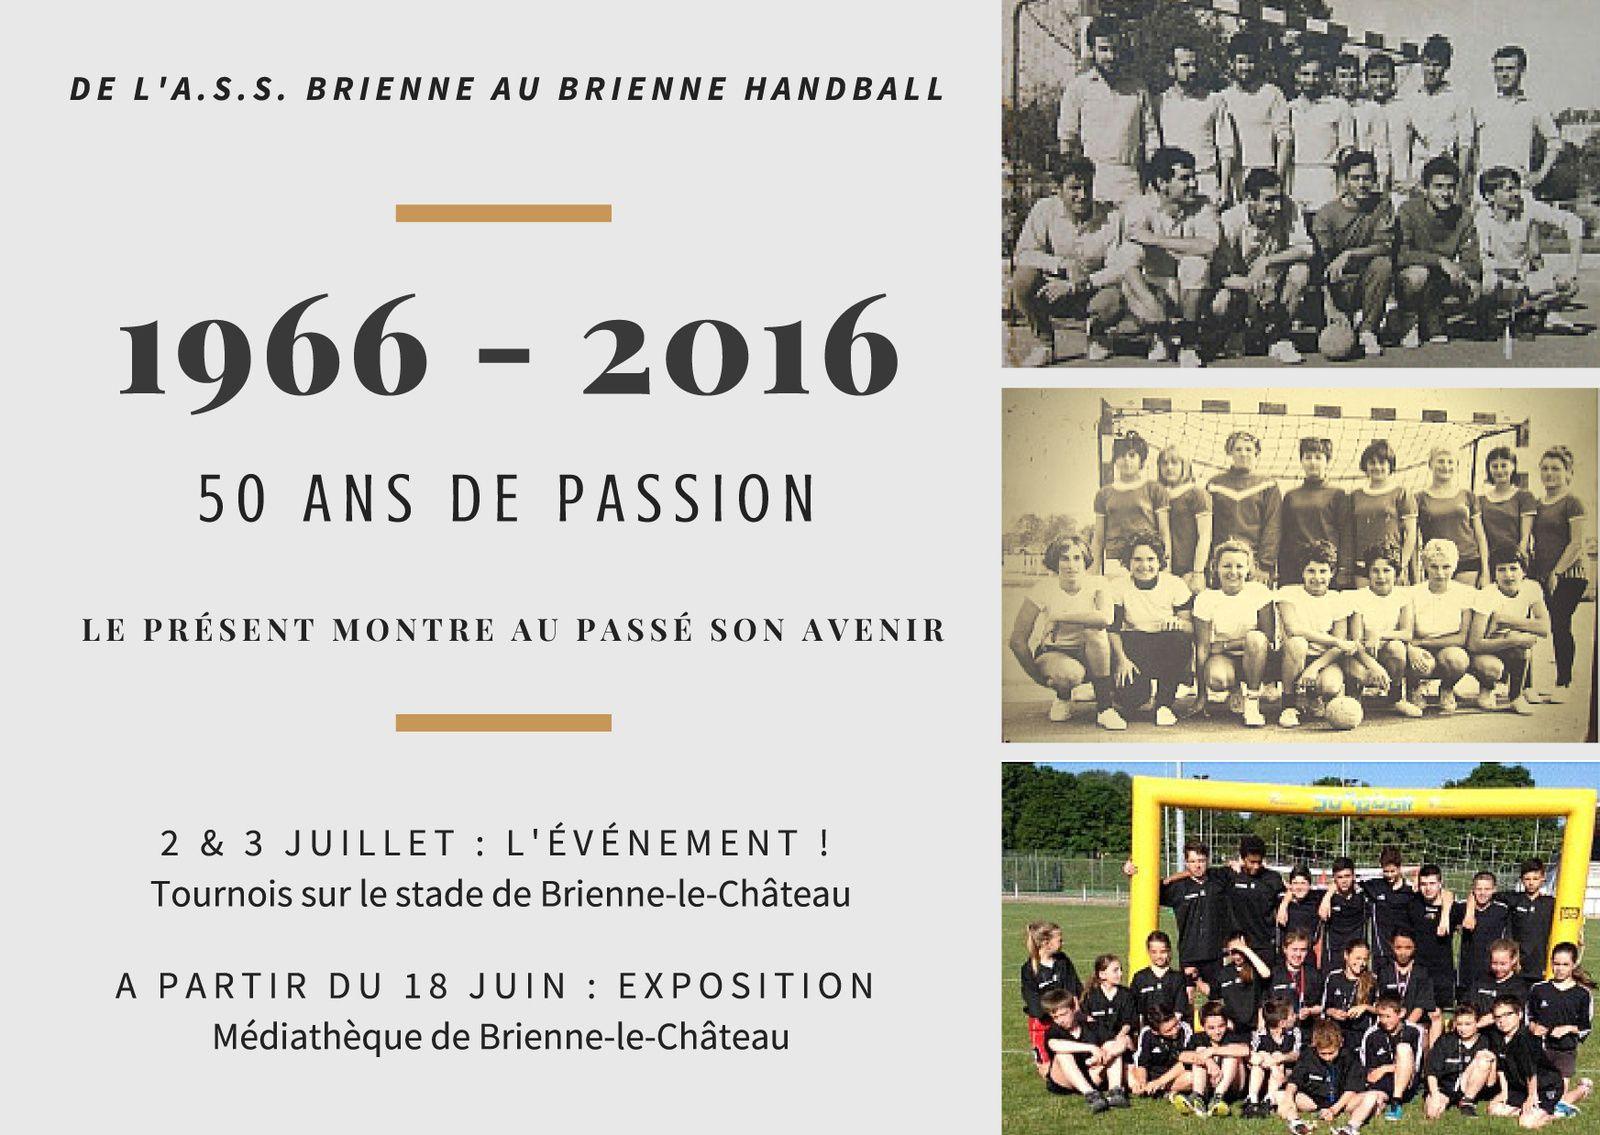 Le Handball fête ses 50 ans à Brienne-le-Château